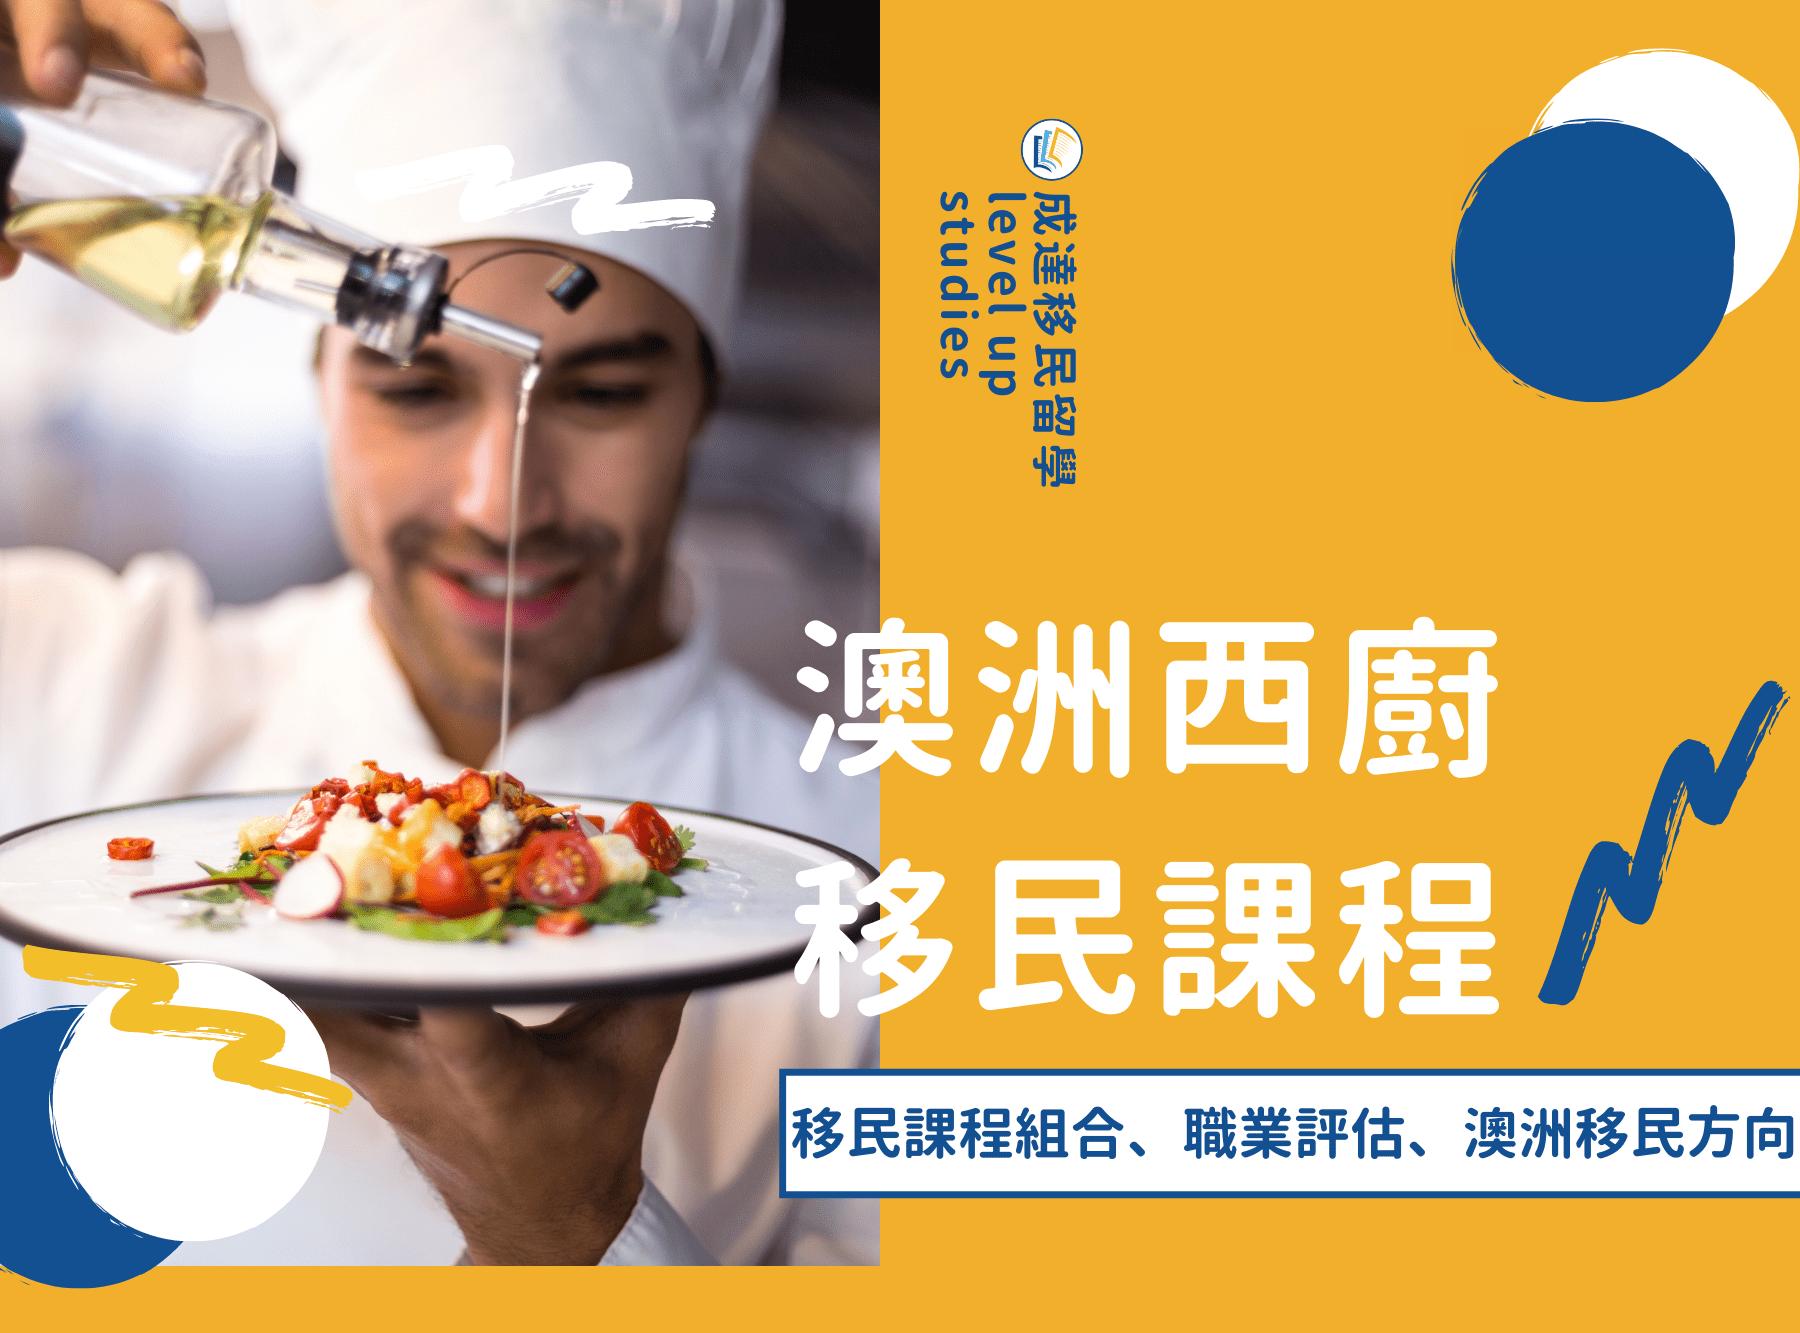 西廚-澳洲移民-西廚課程